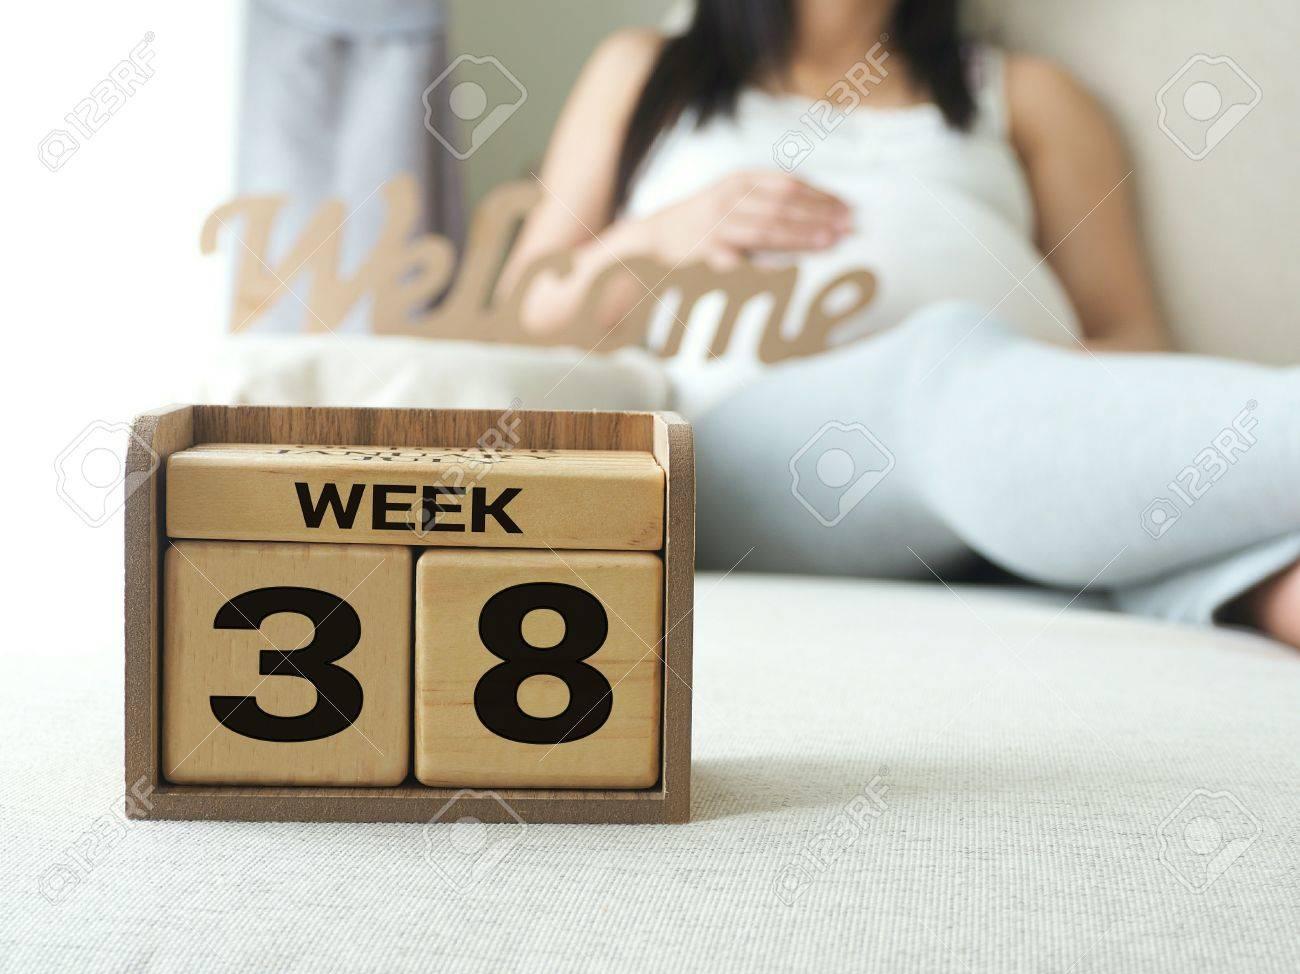 Calendario Settimane Gravidanza.Calendario Con Le Settimane 38 Di Gravidanza Con Sfondo Donna Di Gravidanza Concetto Di Maternita Aspettando Un Bambino Prossimo Giornata Del Conto